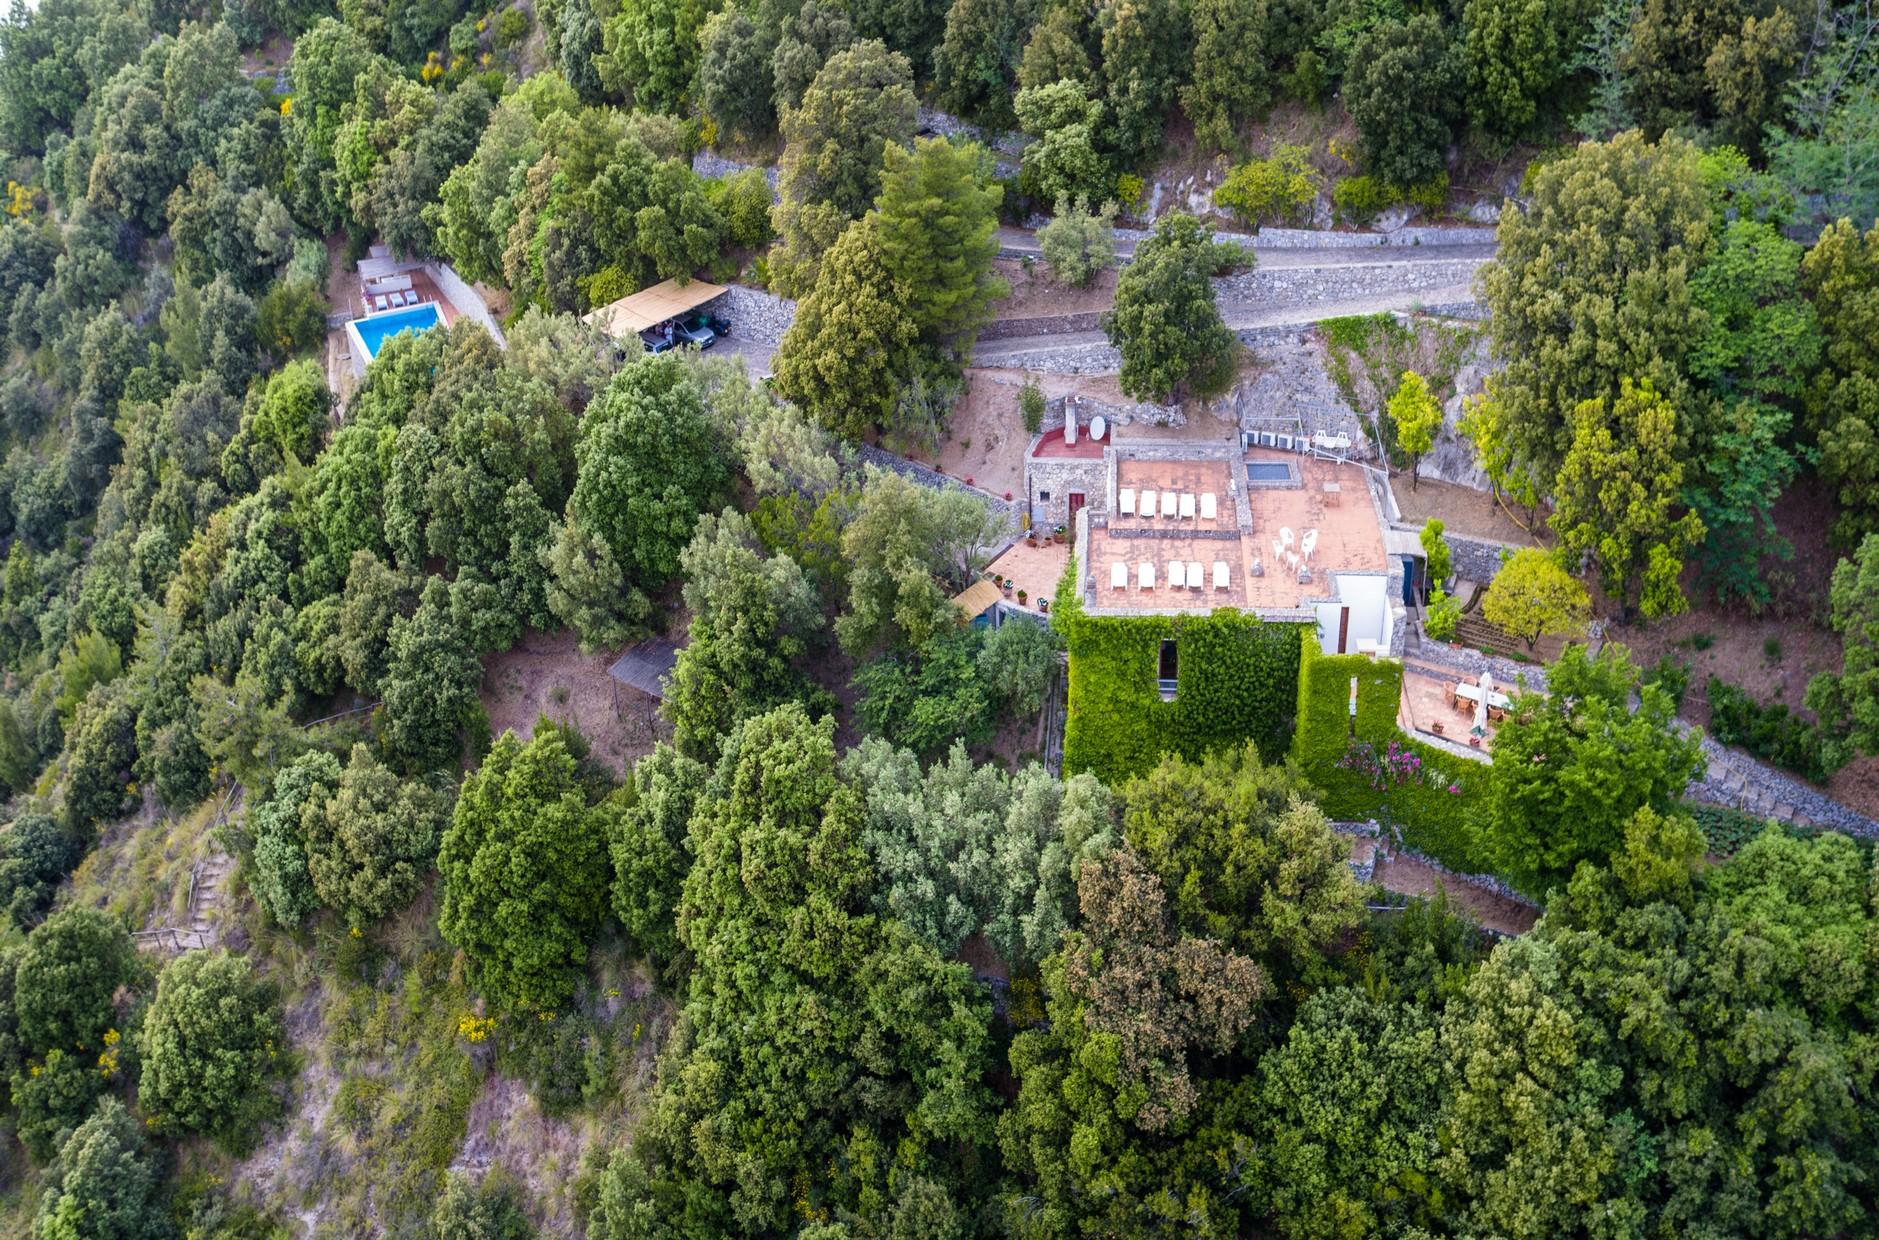 Villa in Vendita a Maiori: 5 locali, 202 mq - Foto 2